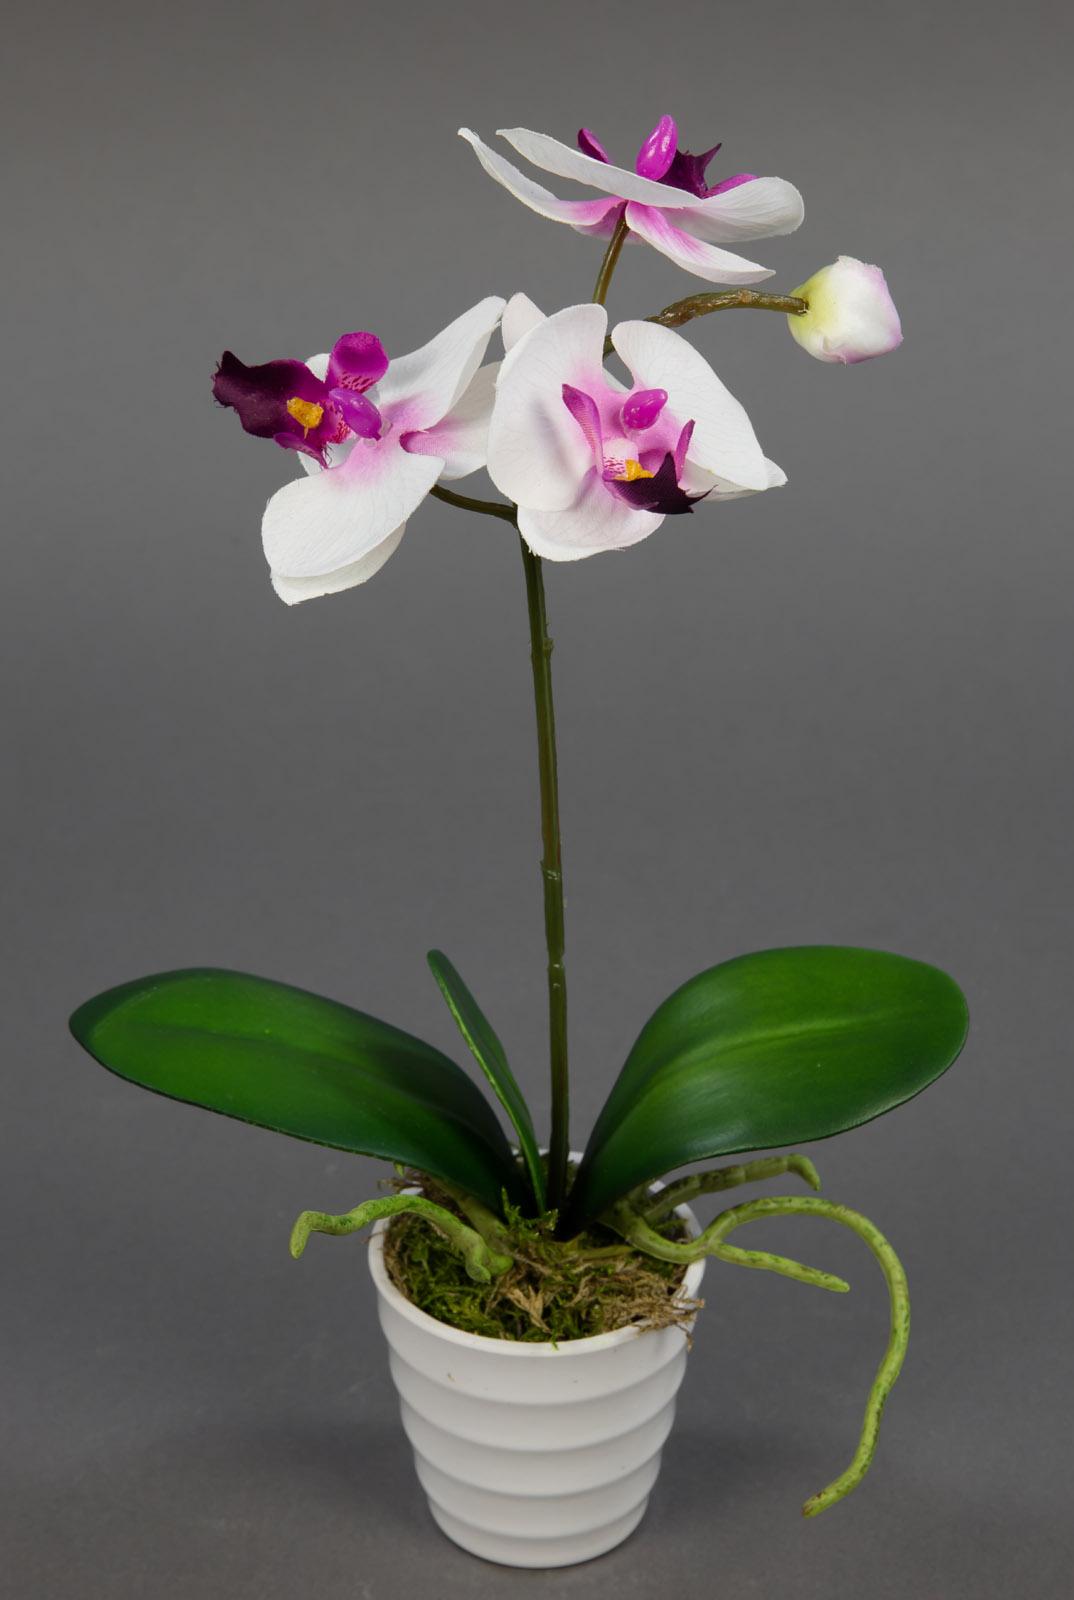 orchidee 32cm wei pink im wei en dekotopf ga kunstpflanzen k nstliche blumen ebay. Black Bedroom Furniture Sets. Home Design Ideas